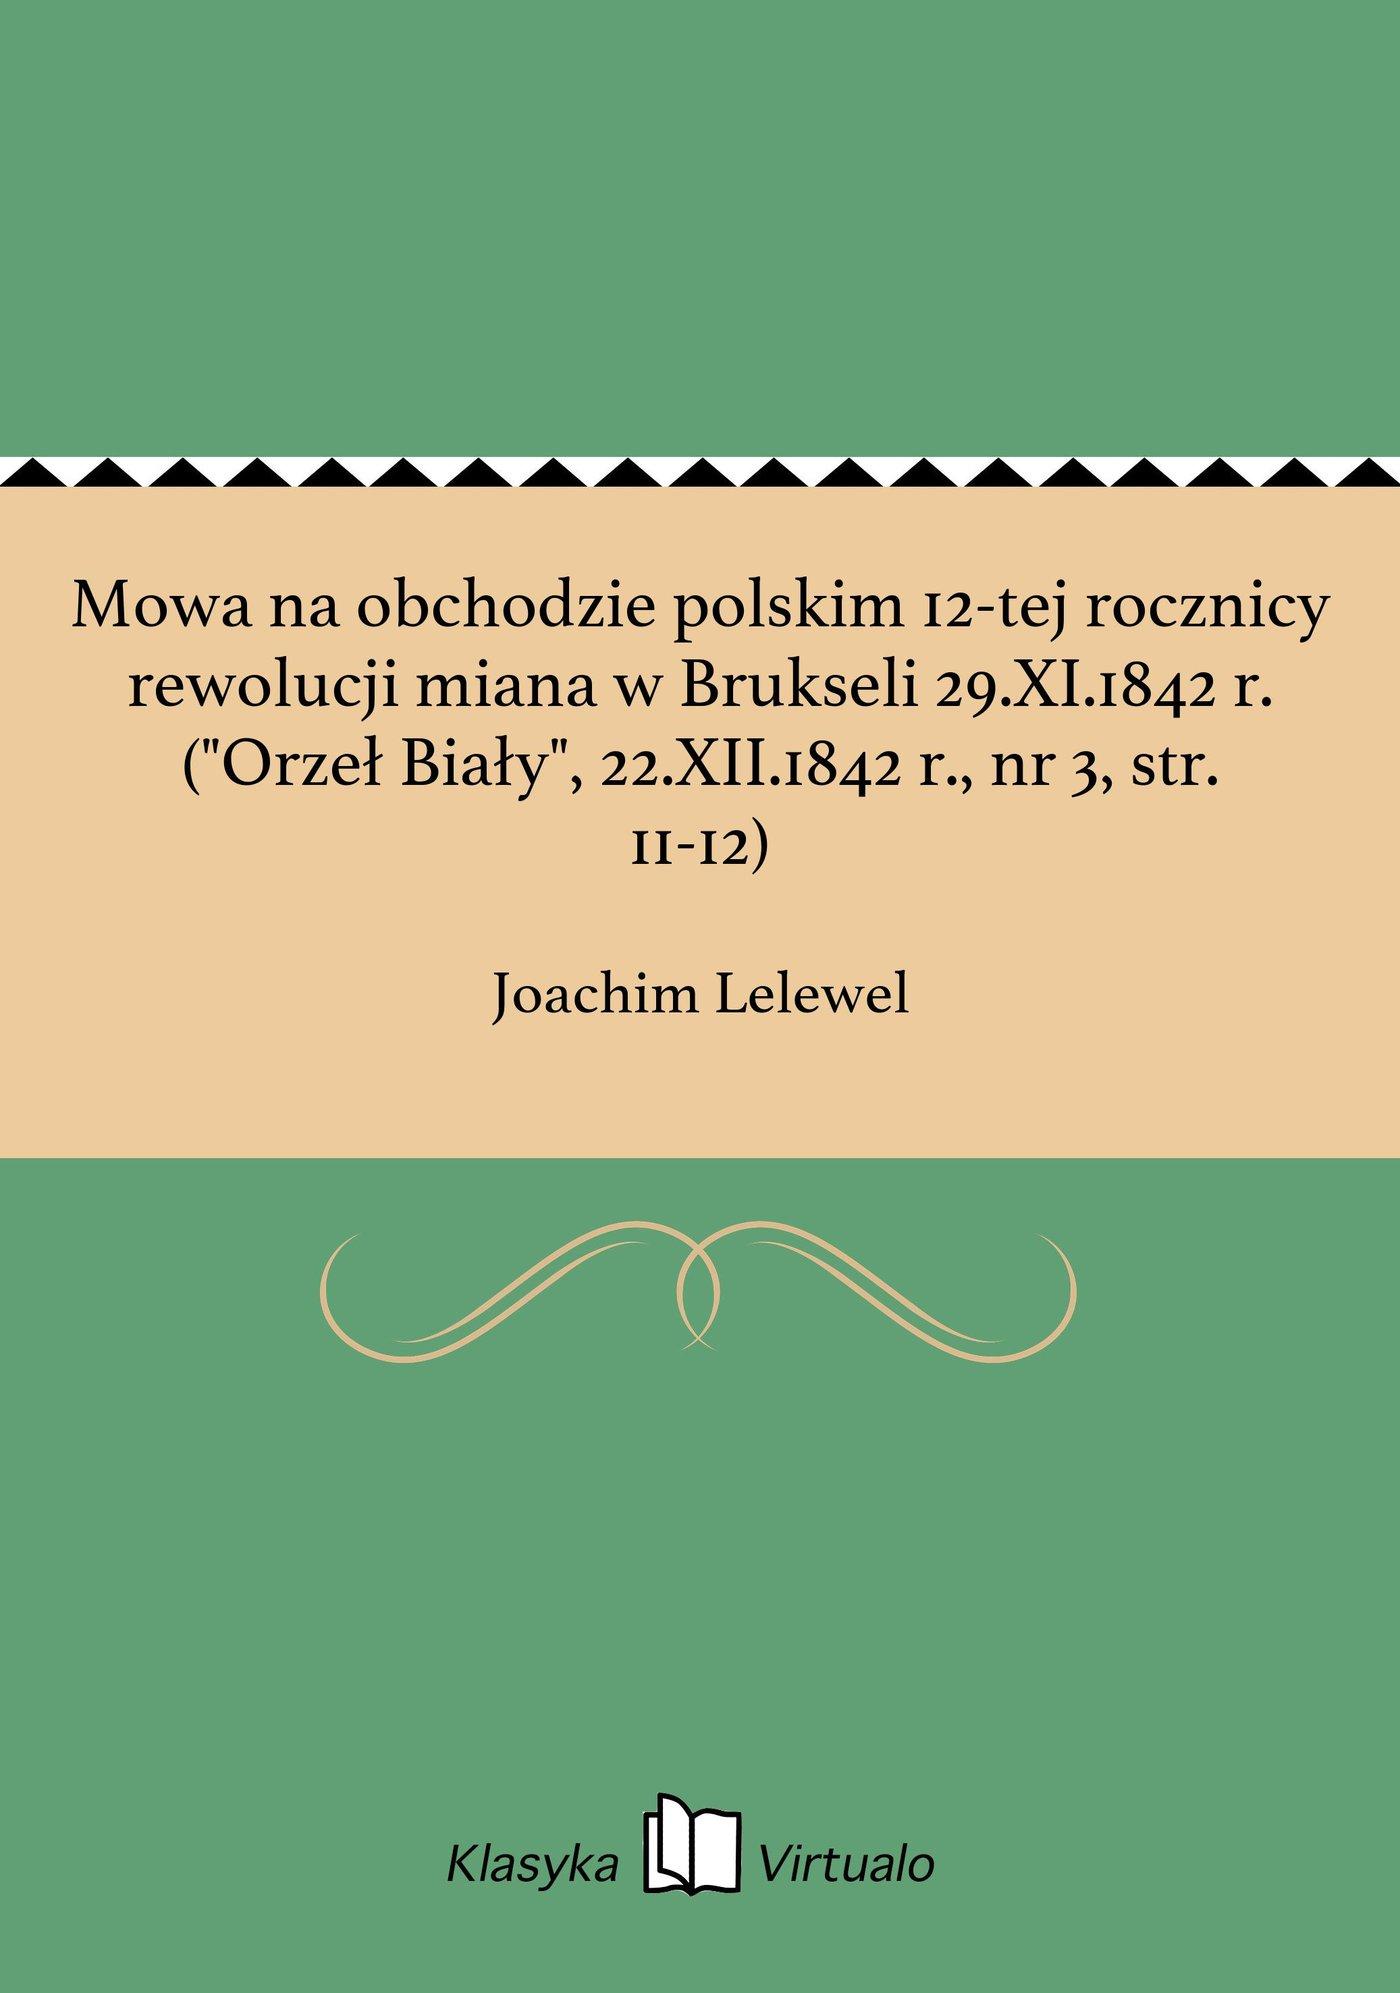 """Mowa na obchodzie polskim 12-tej rocznicy rewolucji miana w Brukseli 29.XI.1842 r. (""""Orzeł Biały"""", 22.XII.1842 r., nr 3, str. 11-12) - Ebook (Książka na Kindle) do pobrania w formacie MOBI"""